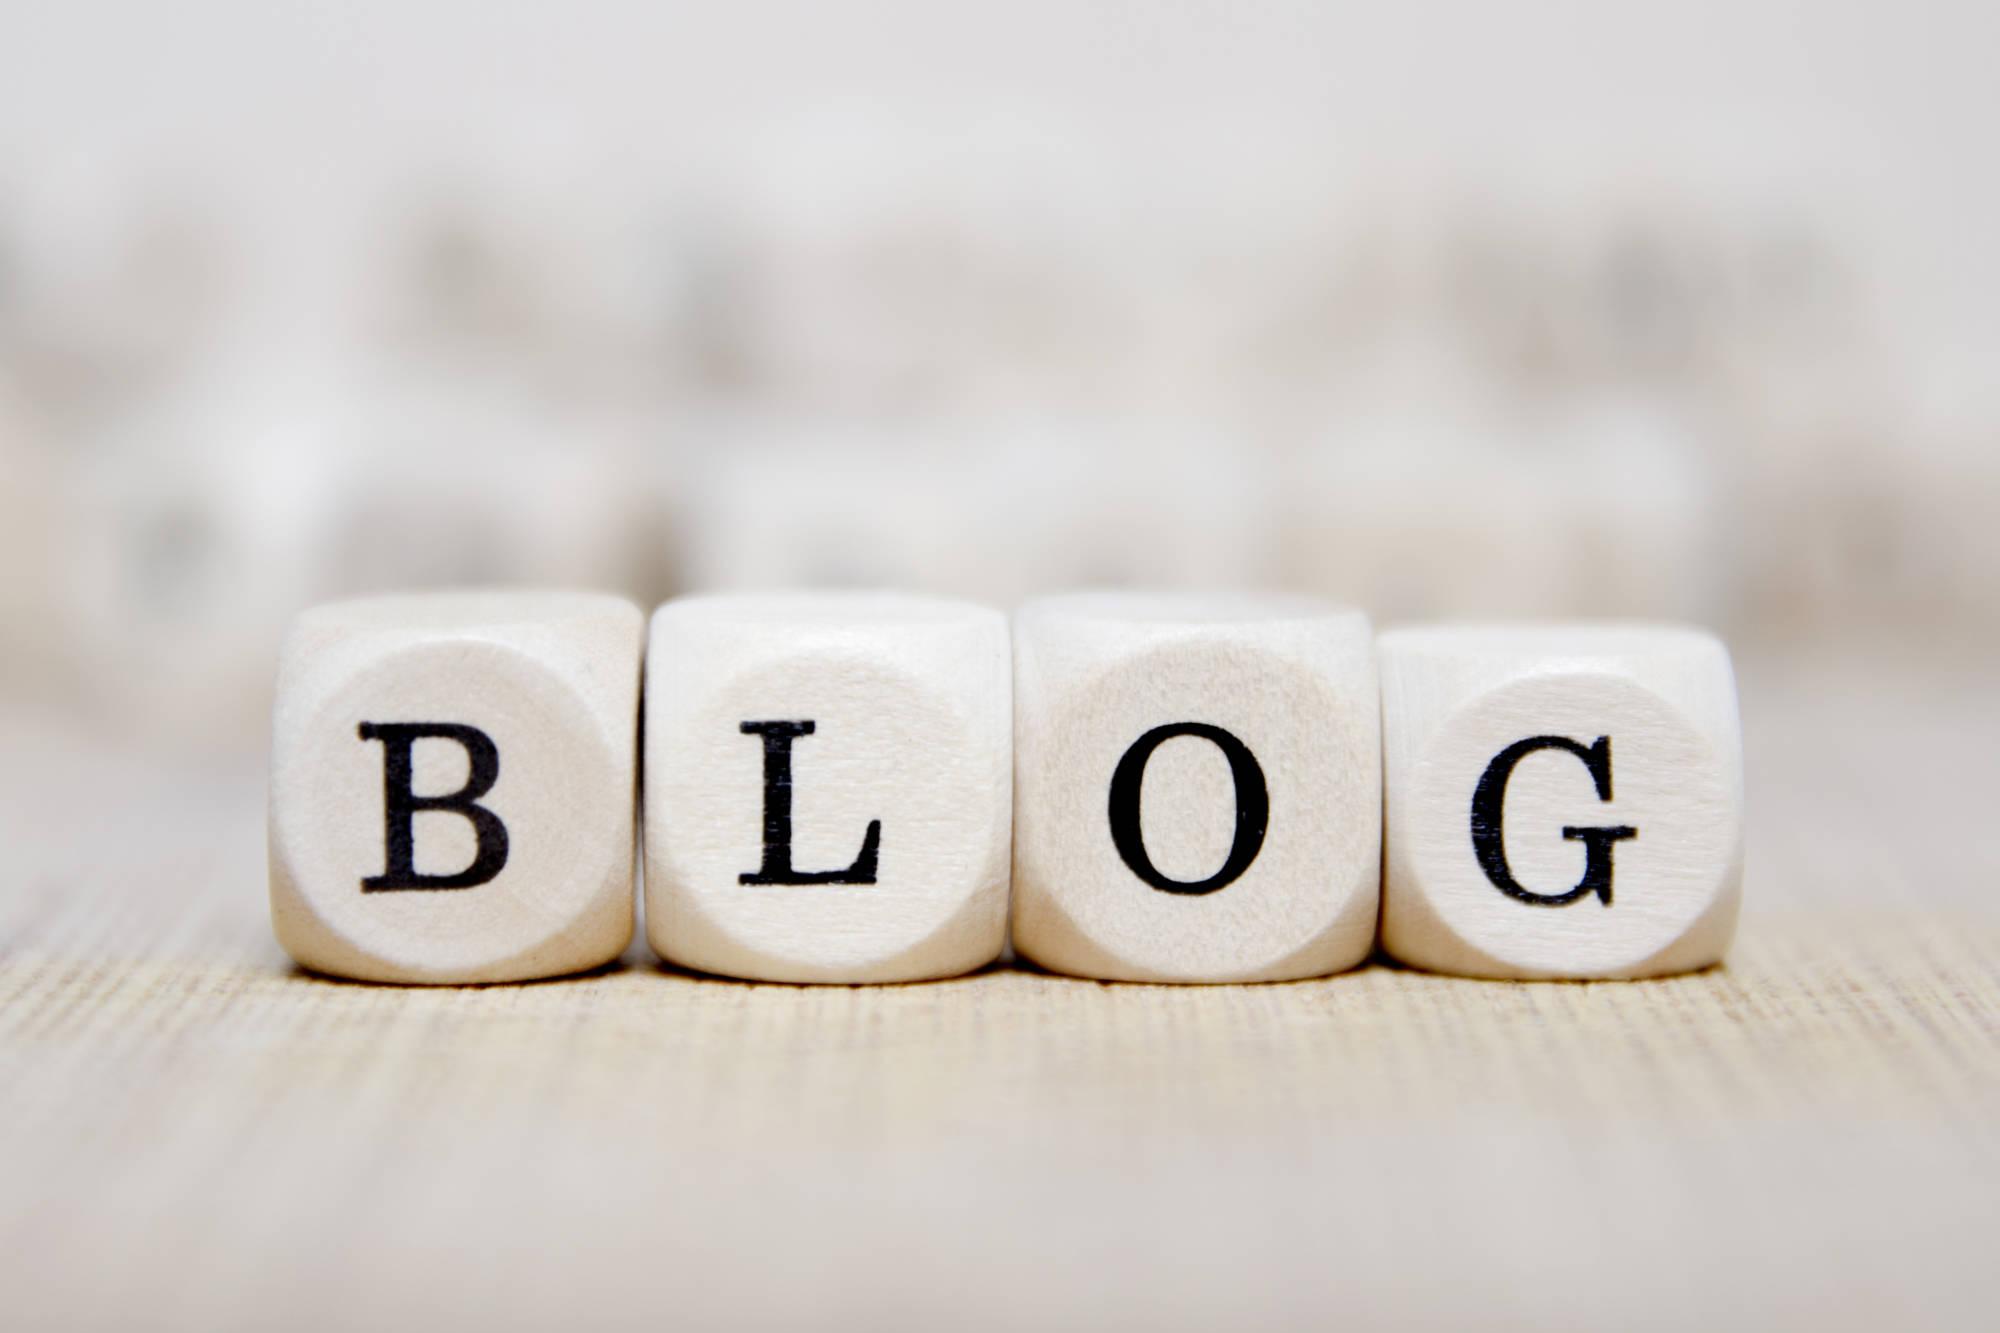 Картинки для блогов со словами